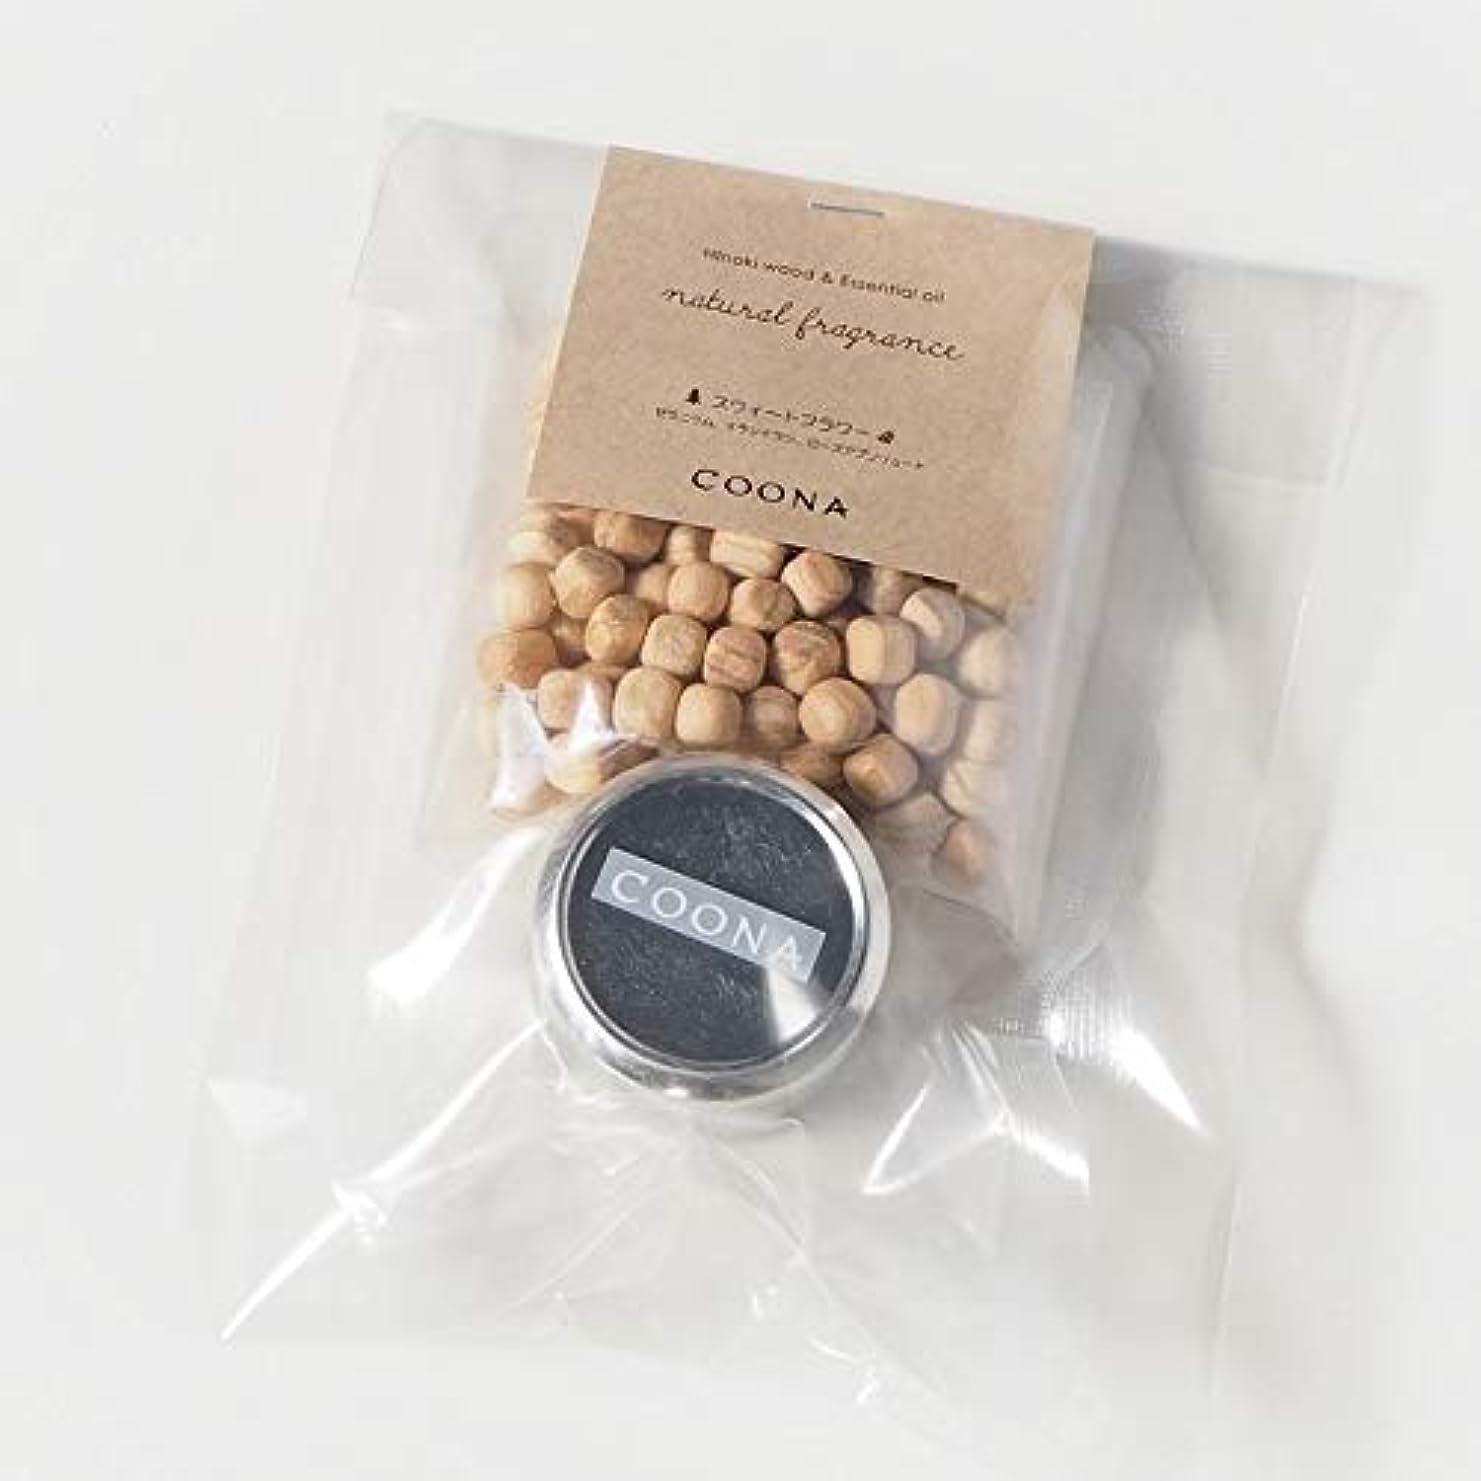 暖かさ引き潮錫ヒノキ ウッド& エッセンシャルオイル ナチュラルフレグランス (メタル缶付き, 地の香り)